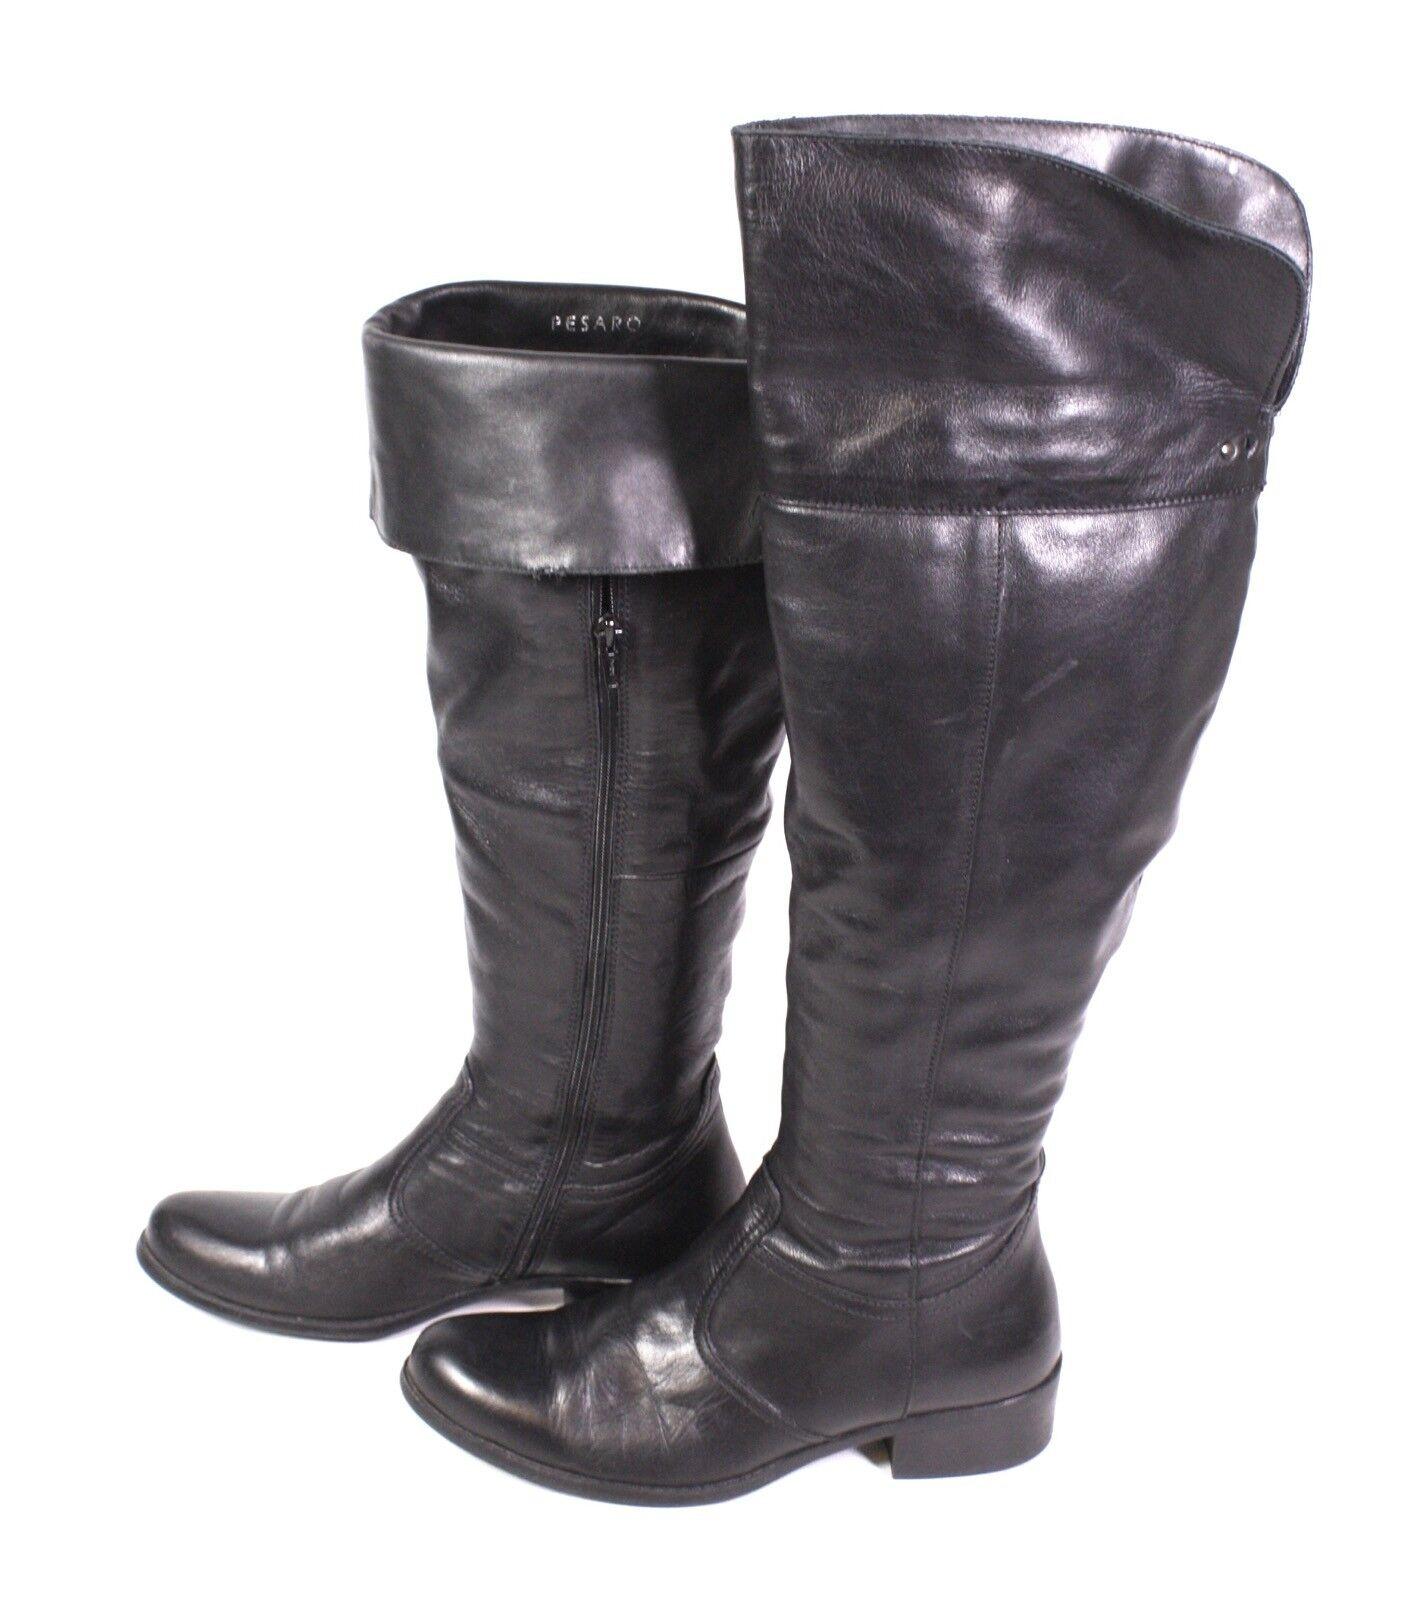 2s Pesaro Pesaro 2s botas altas señora botas polainas botas motorista cuero negro Gr. 37 a96462